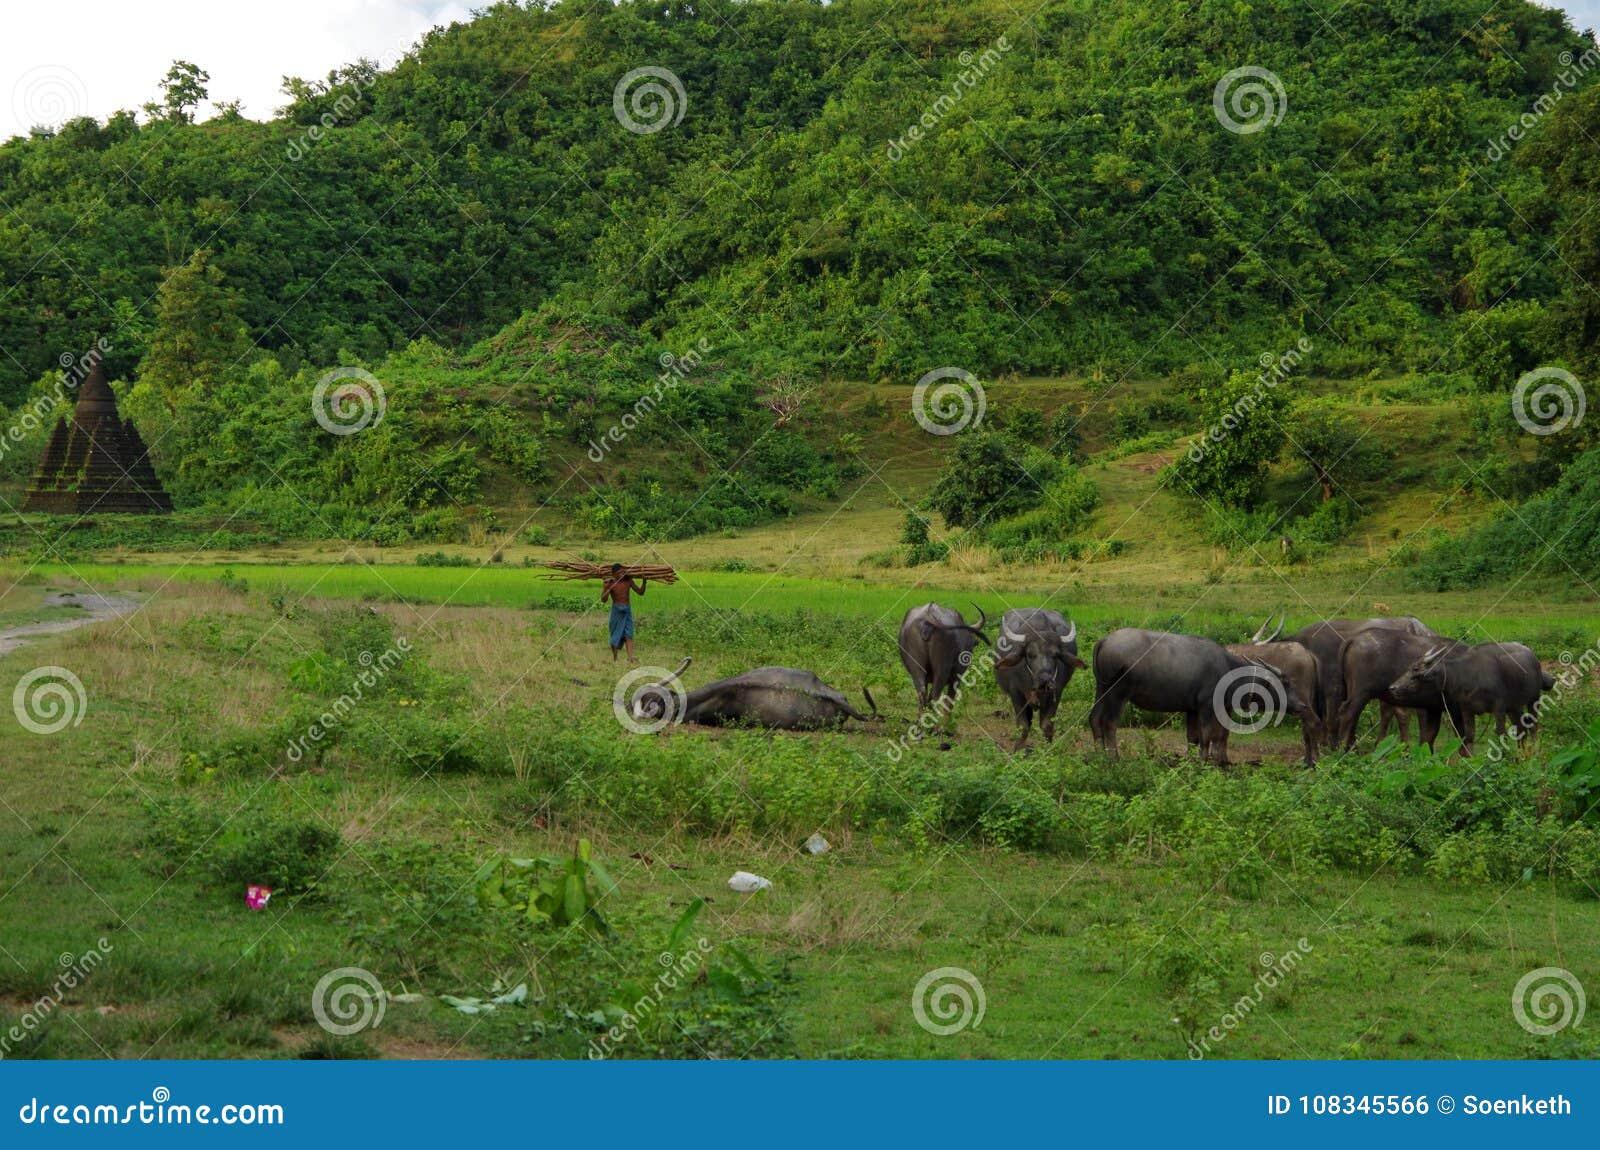 Um rebanho de búfalos de água no sol morno do fim da tarde em Mrauk U, Myanmar